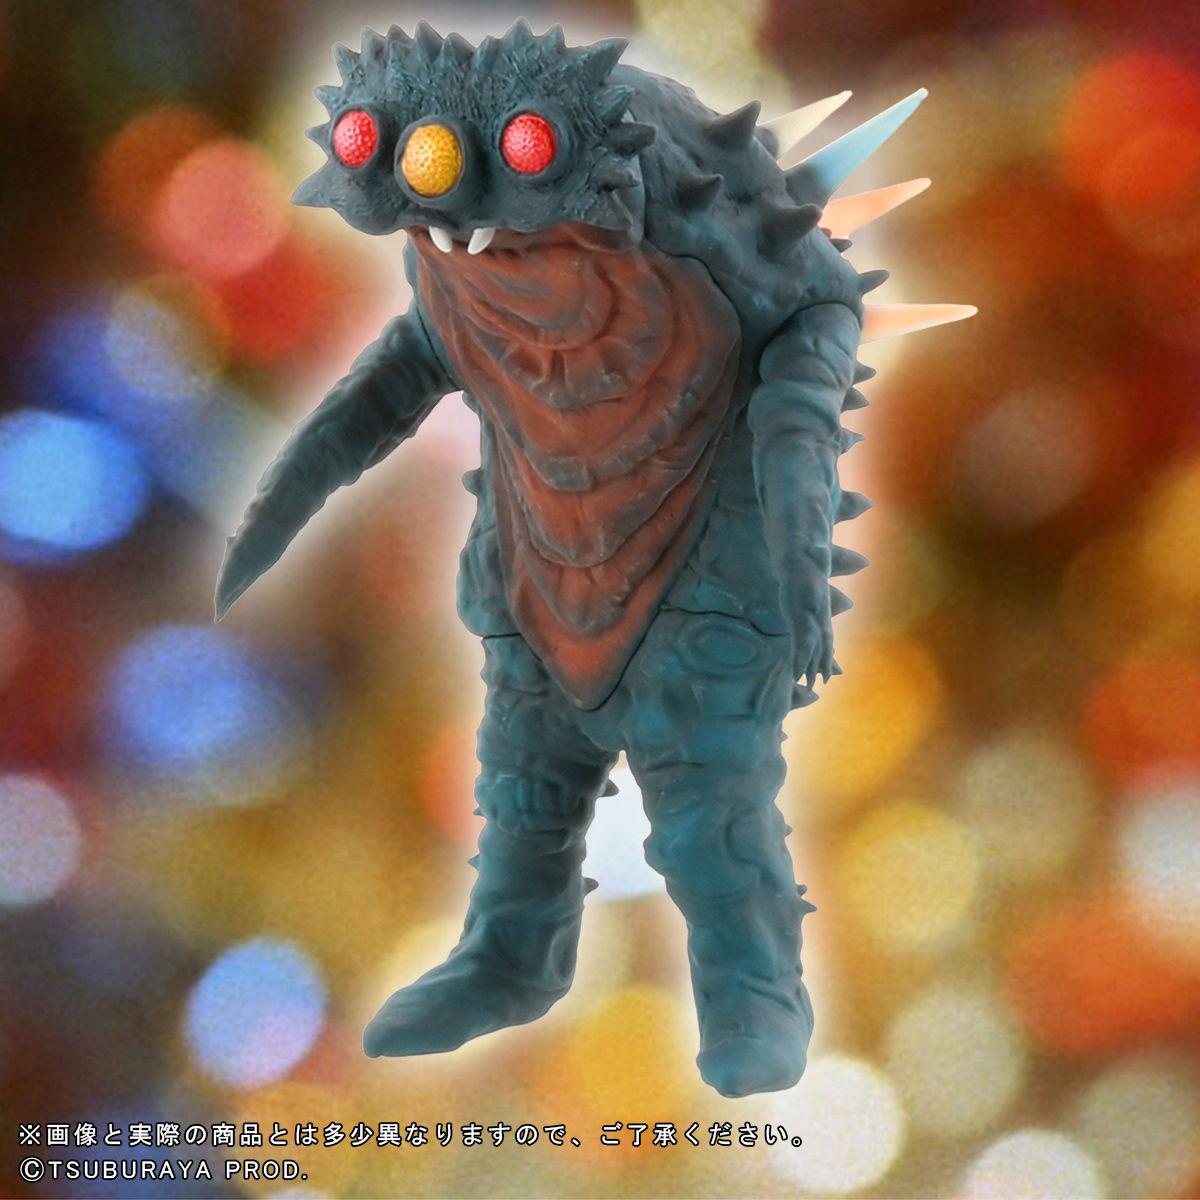 【限定販売】ウルトラ大怪獣シリーズ5000『ビーコン/ギラドラス』完成品フィギュア-003